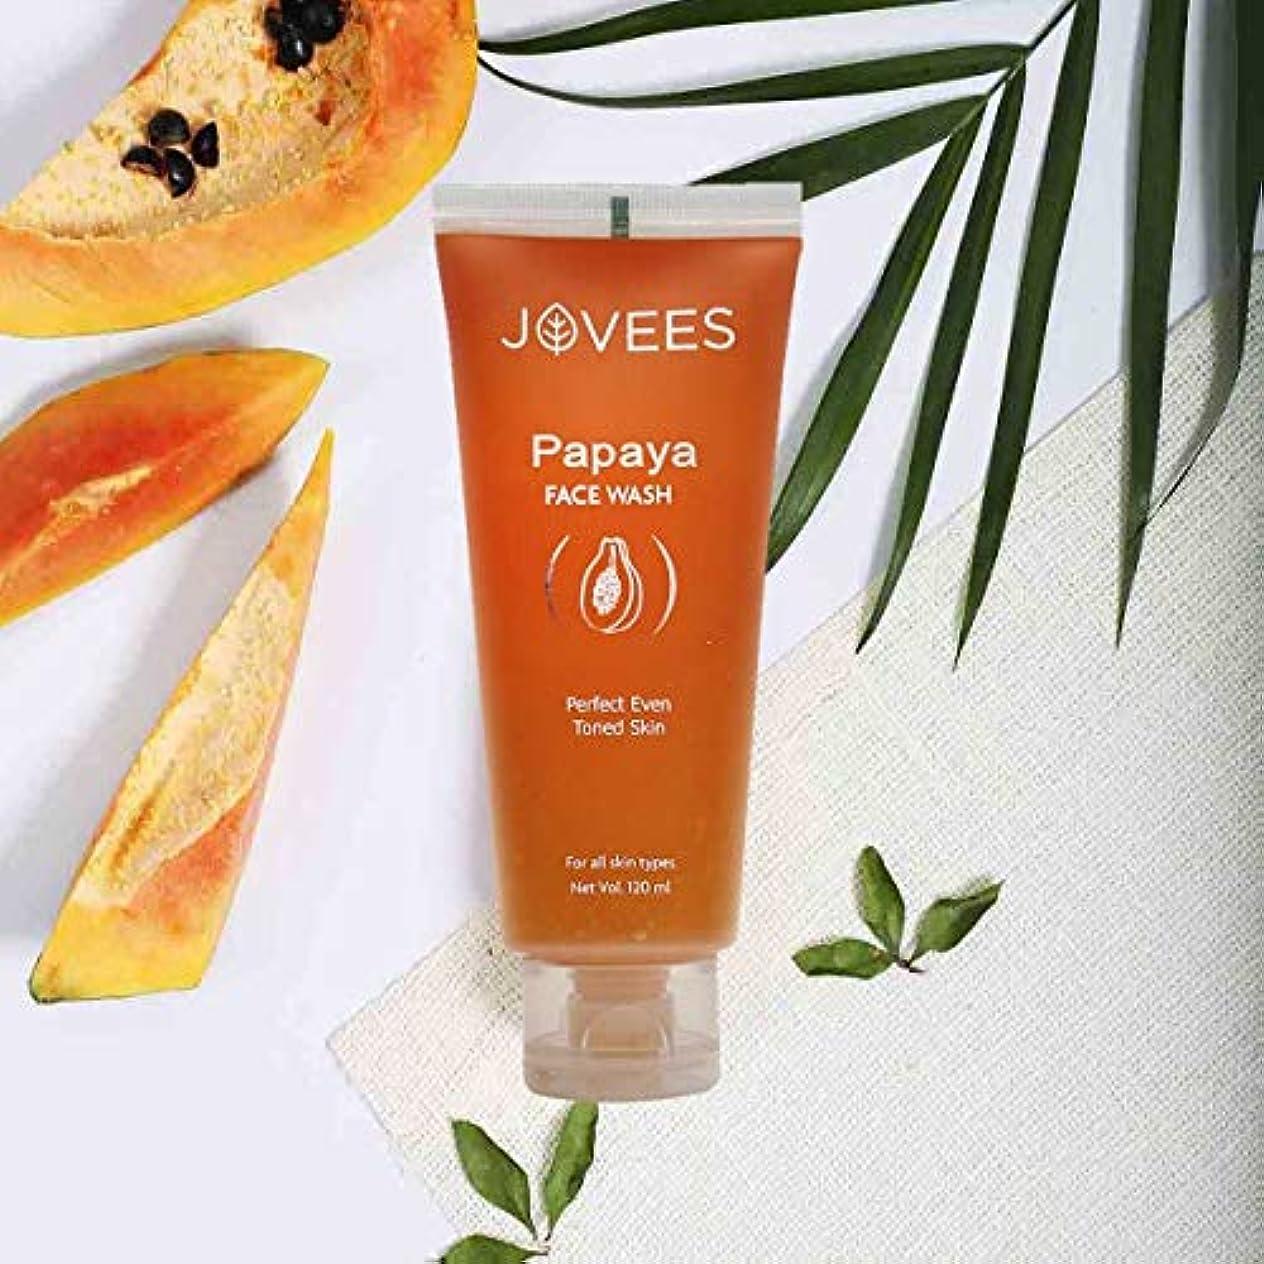 子音低下違法Jovees Papaya Face Wash 120ml Papaya & Vitamin A For Perfect Even Toned Skin パパイヤ洗顔用パパイヤ&ビタミンA